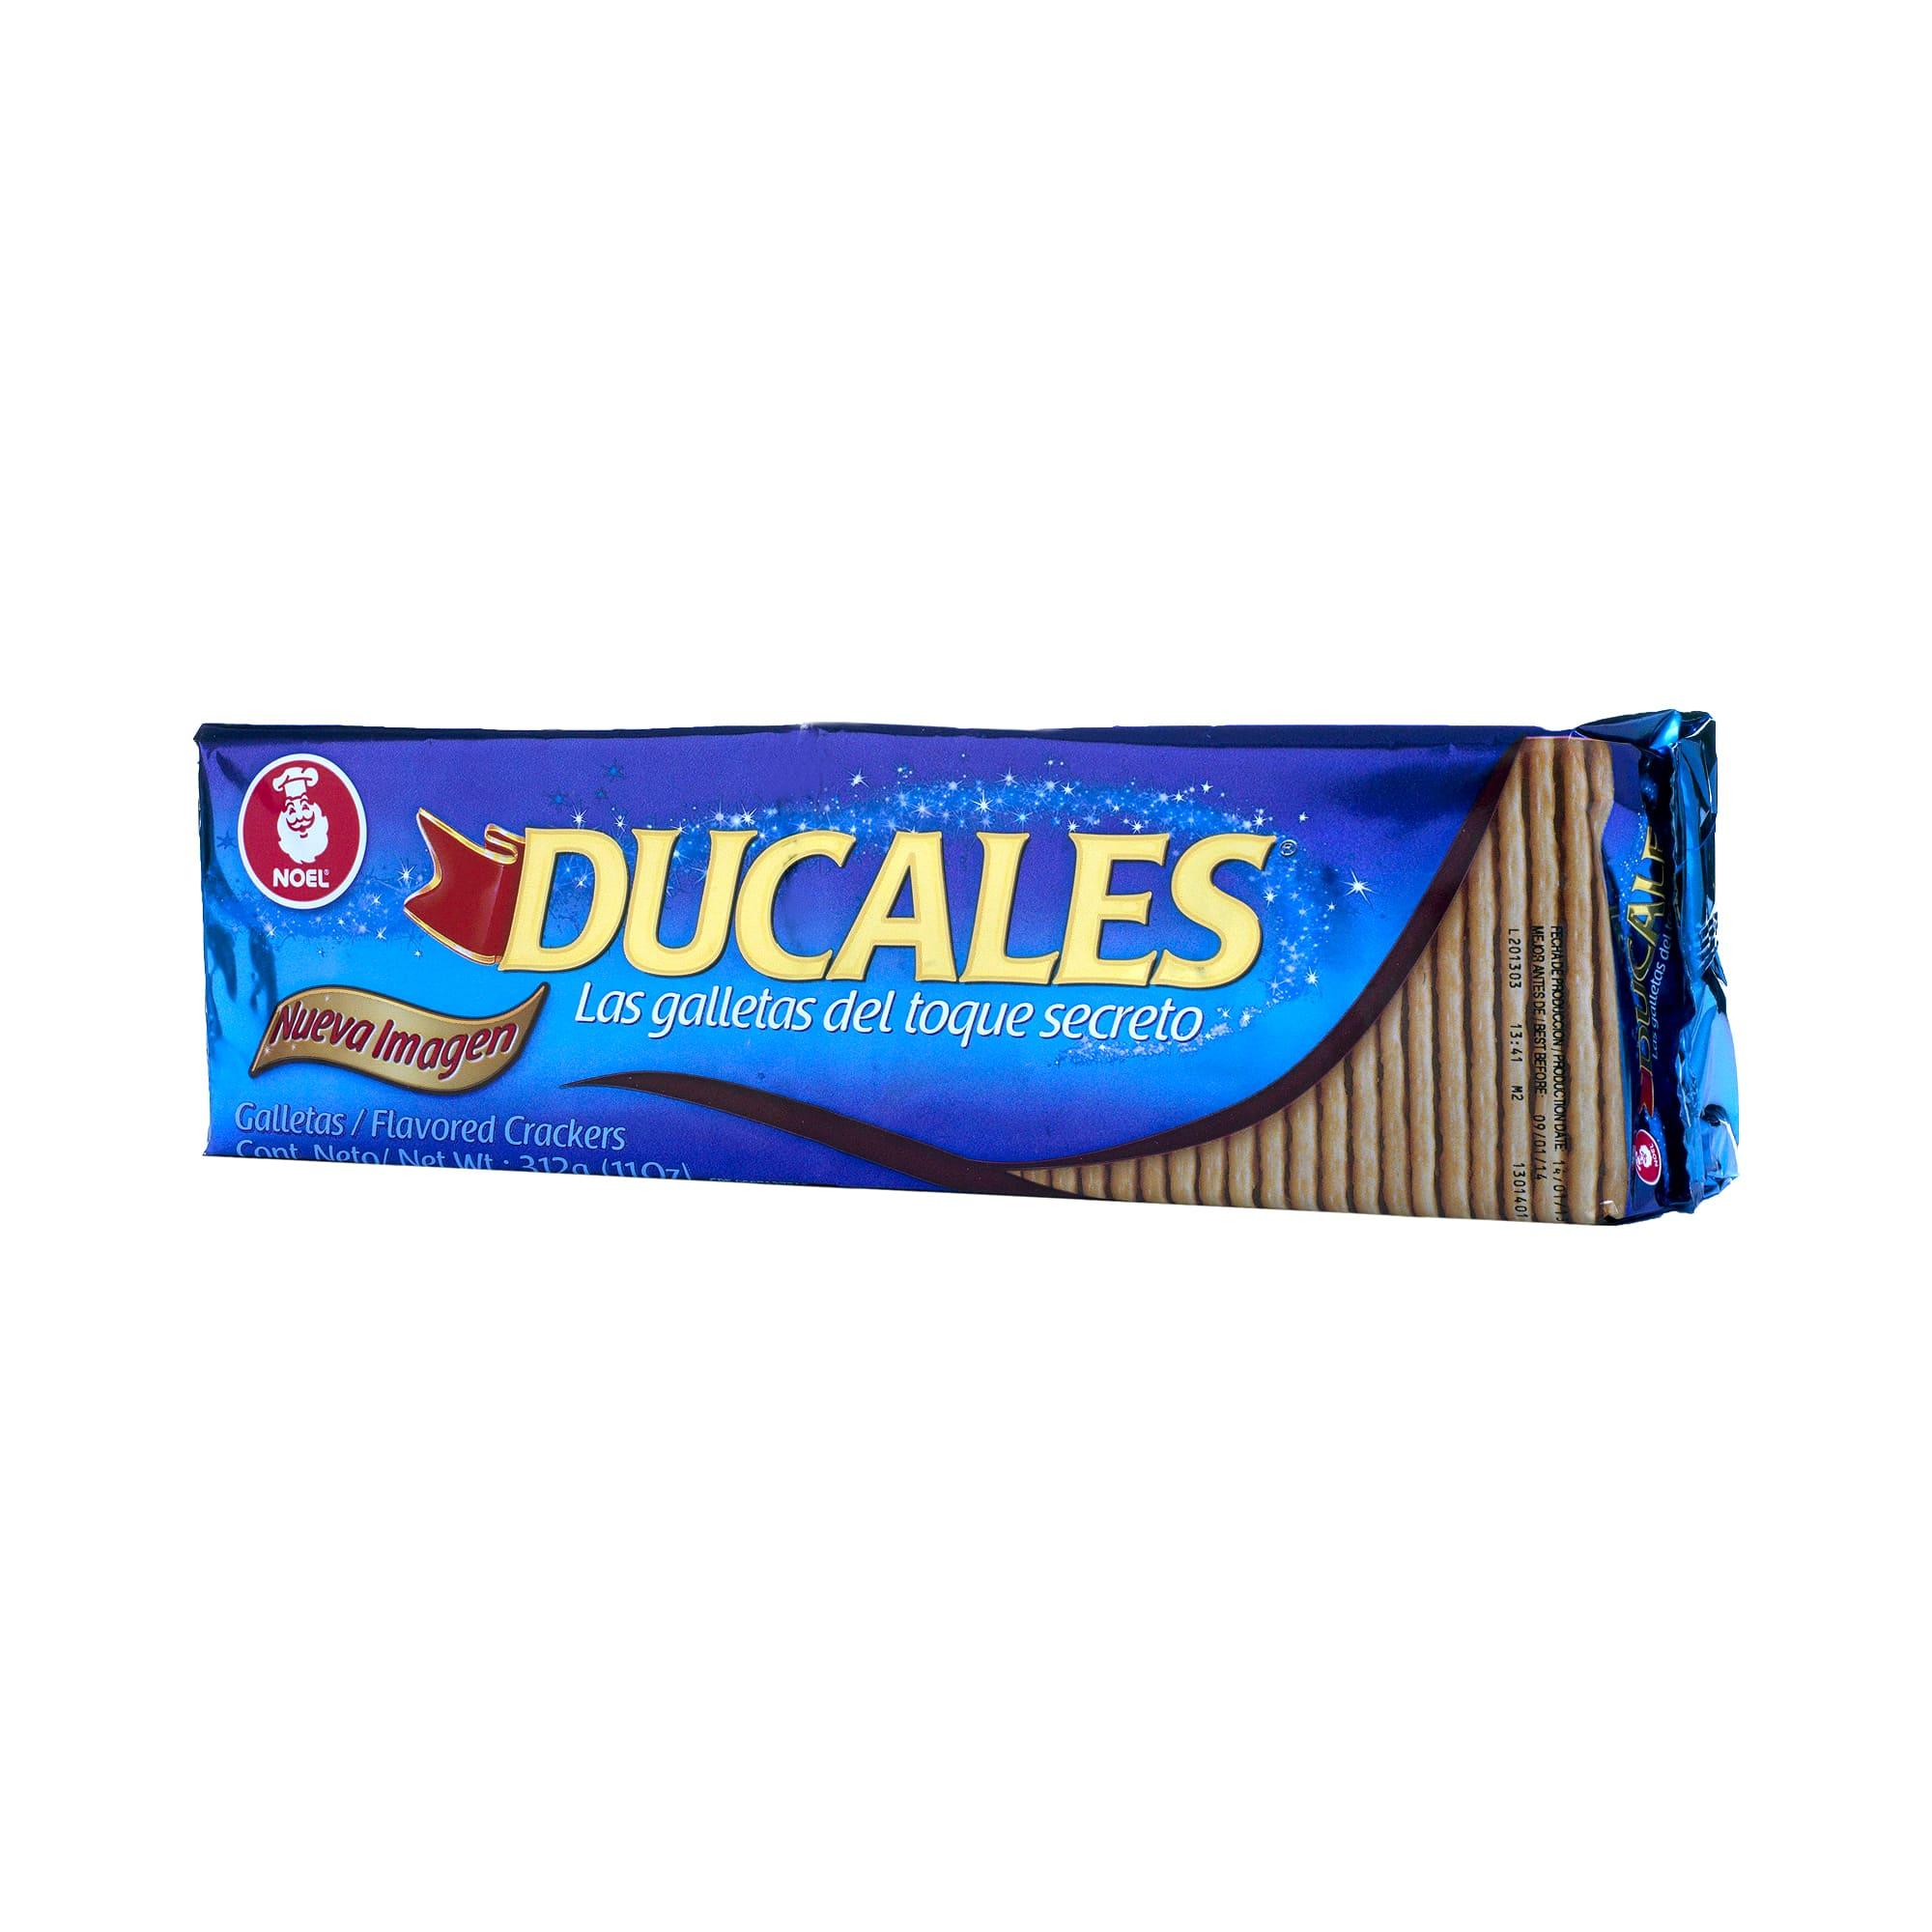 galletas_ducales_tritaco_S08680